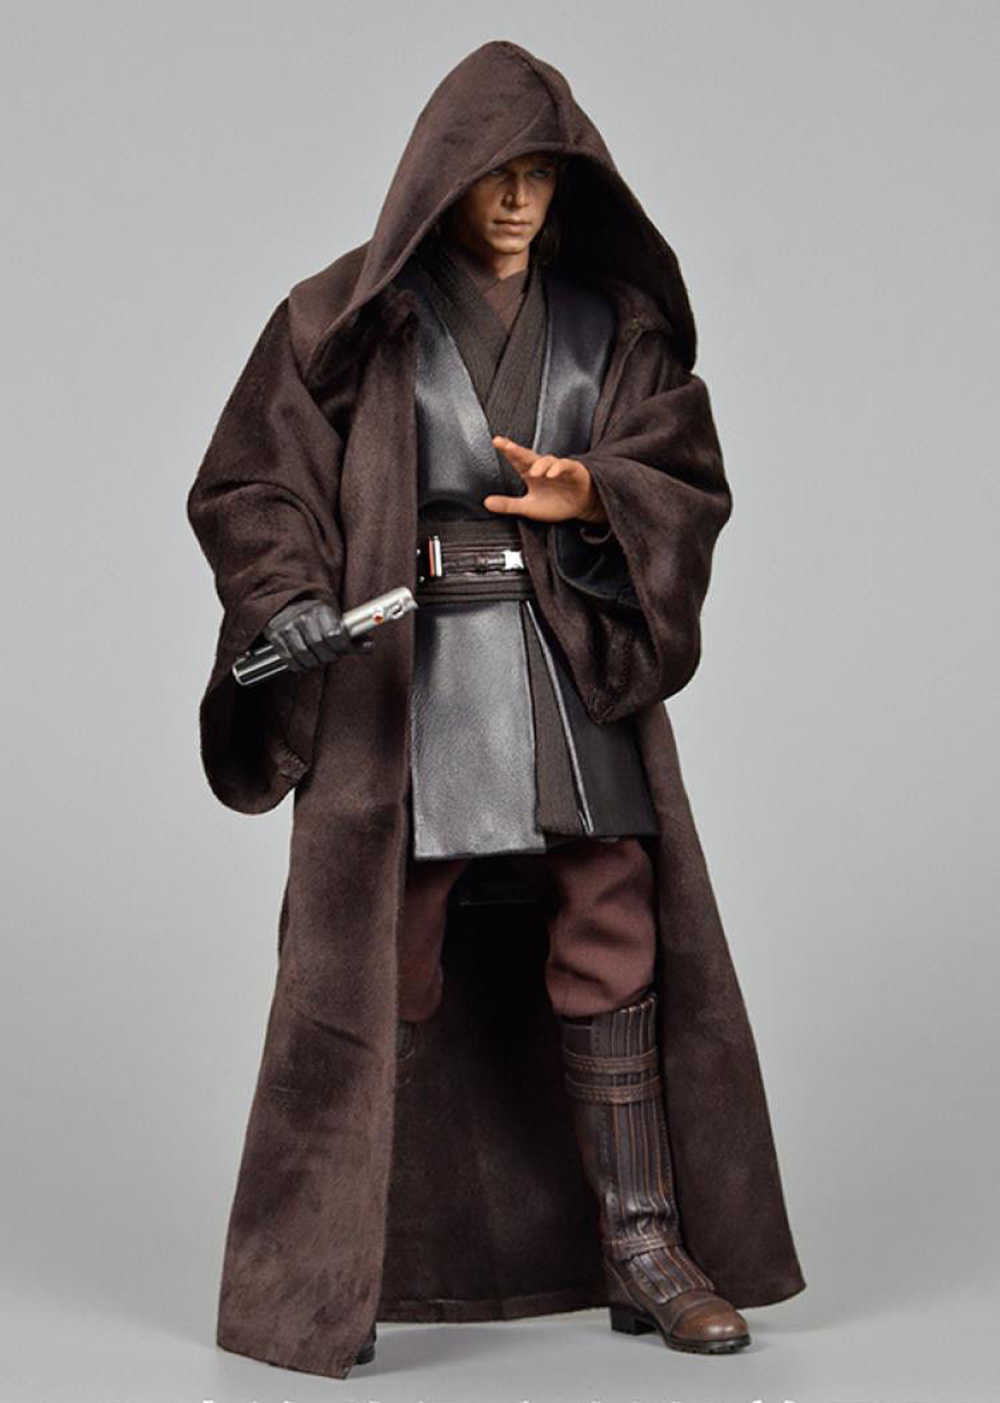 """1/6 Scale อัพเกรดรุ่นที่กำหนดเองเสื้อคลุม Fit 12 """"HT Anakin Figure รุ่น 12"""" Action Figure Body ชายรูปของเล่น"""